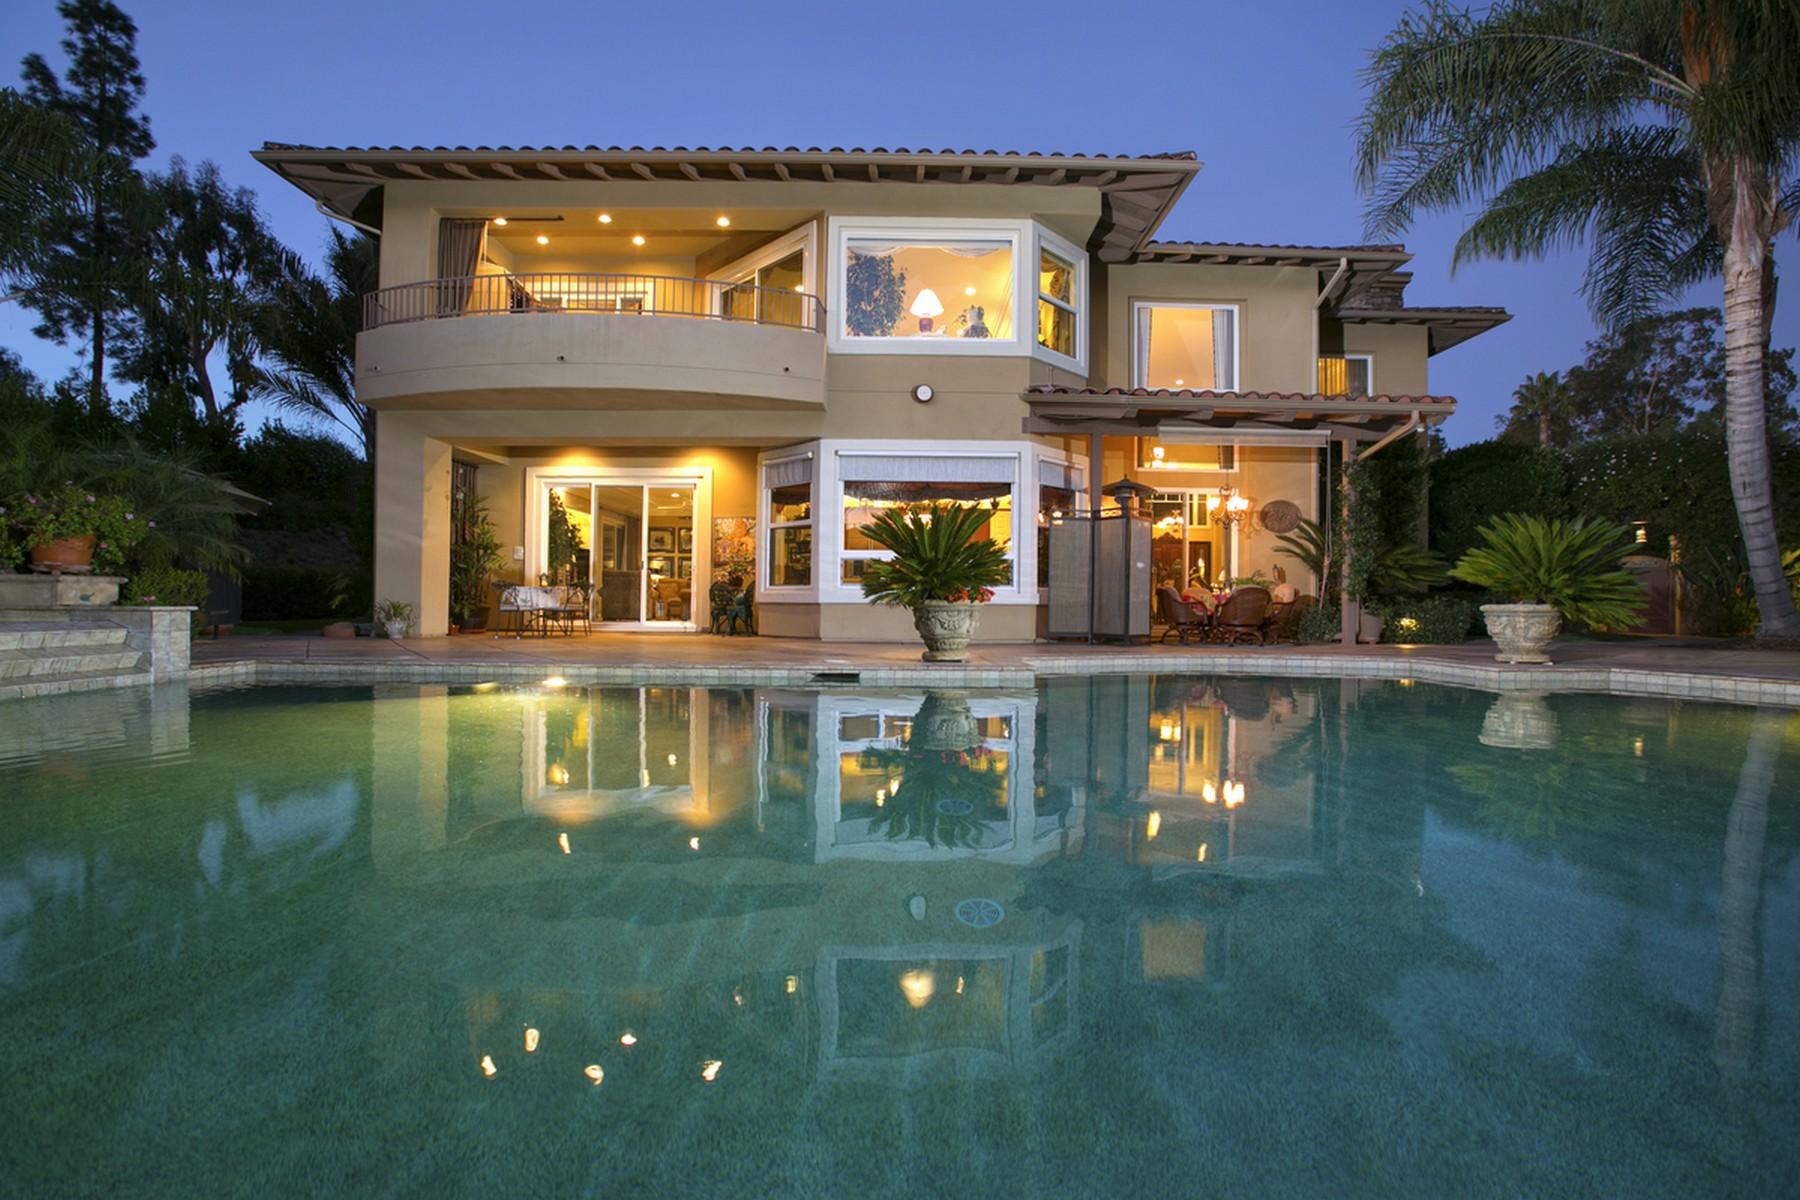 Proprietà in vendita Rancho Santa Fe